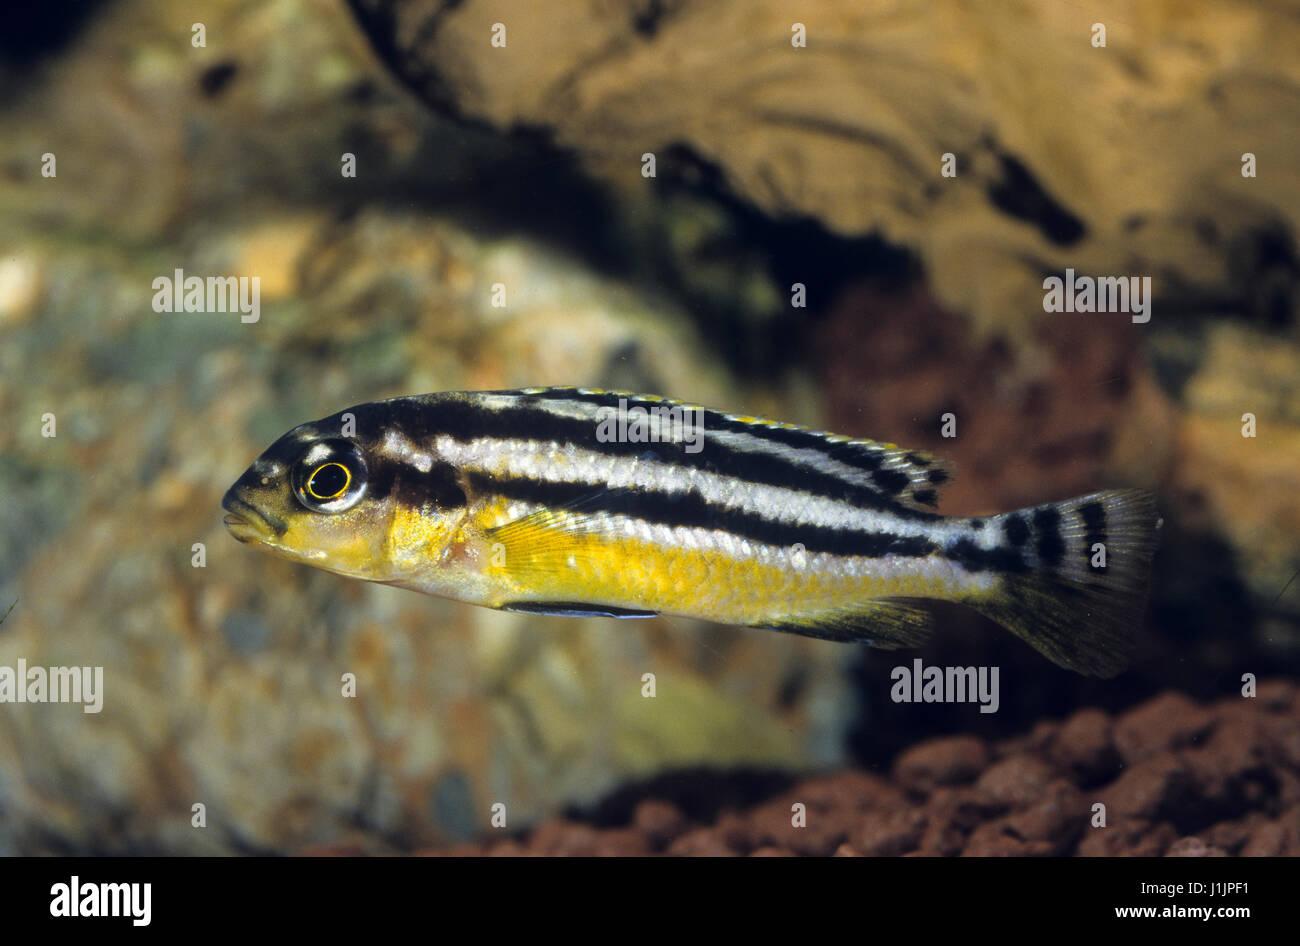 Buntbarsche stockfotos buntbarsche bilder alamy for Zierfische barsch